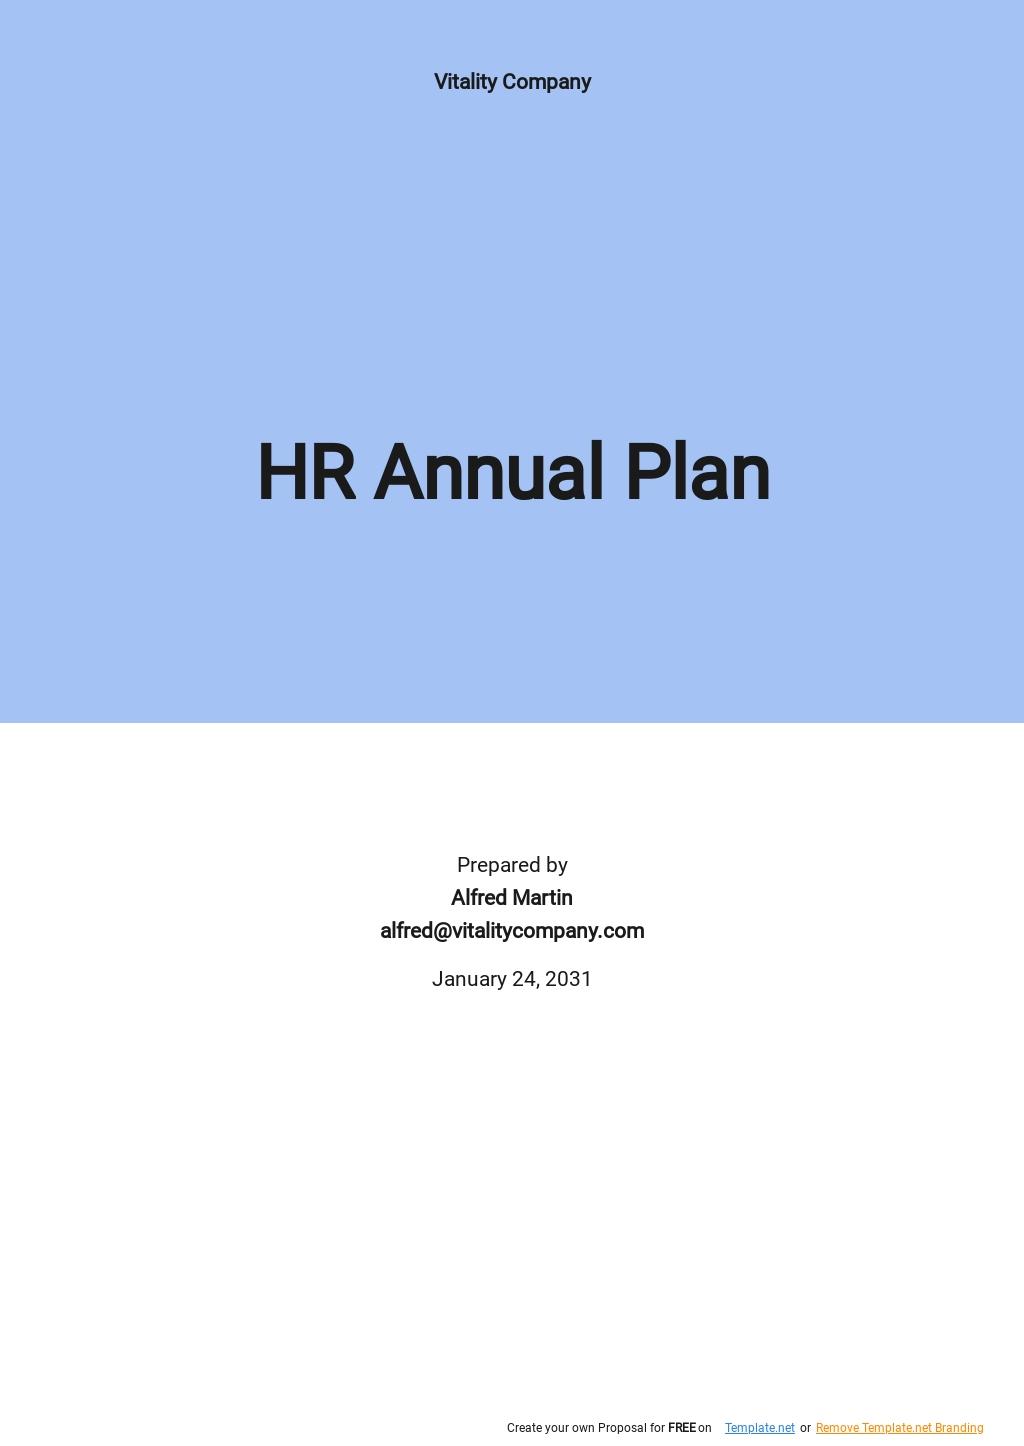 HR Annual Plan Template.jpe